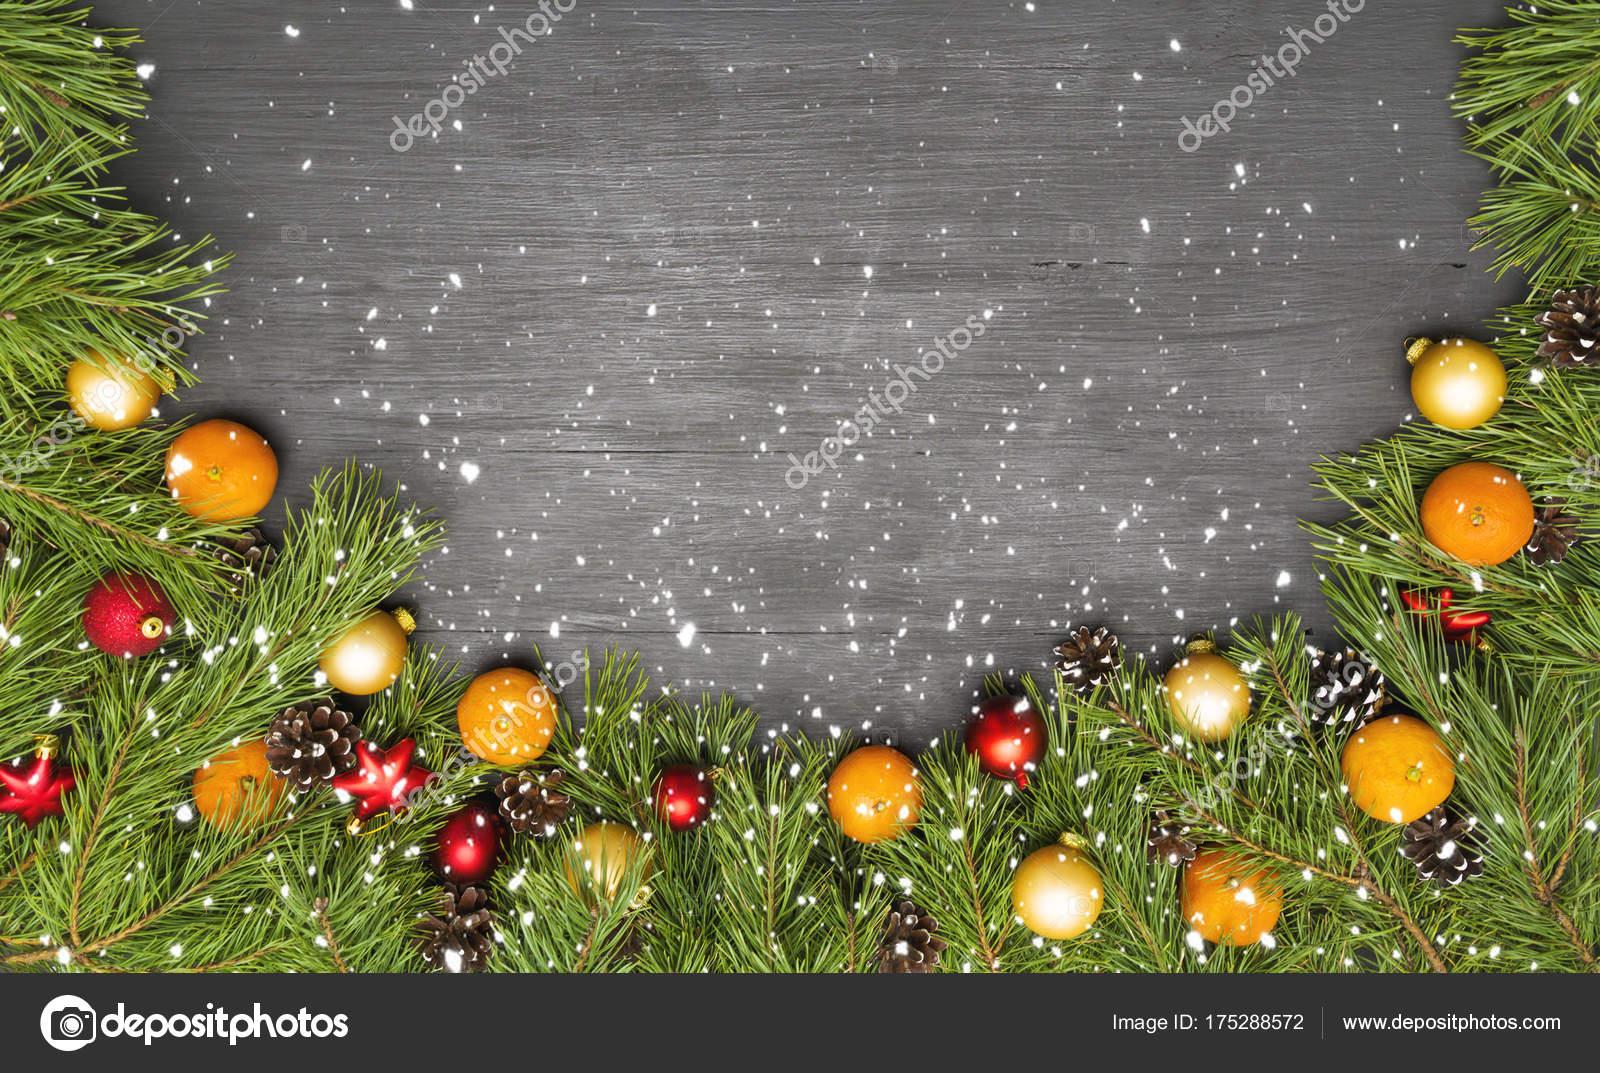 Feestdagen Natuurlijke Kerstdecoratie : Kerst slinger met natuurlijke pijnboomtakken ballen mandarijn op